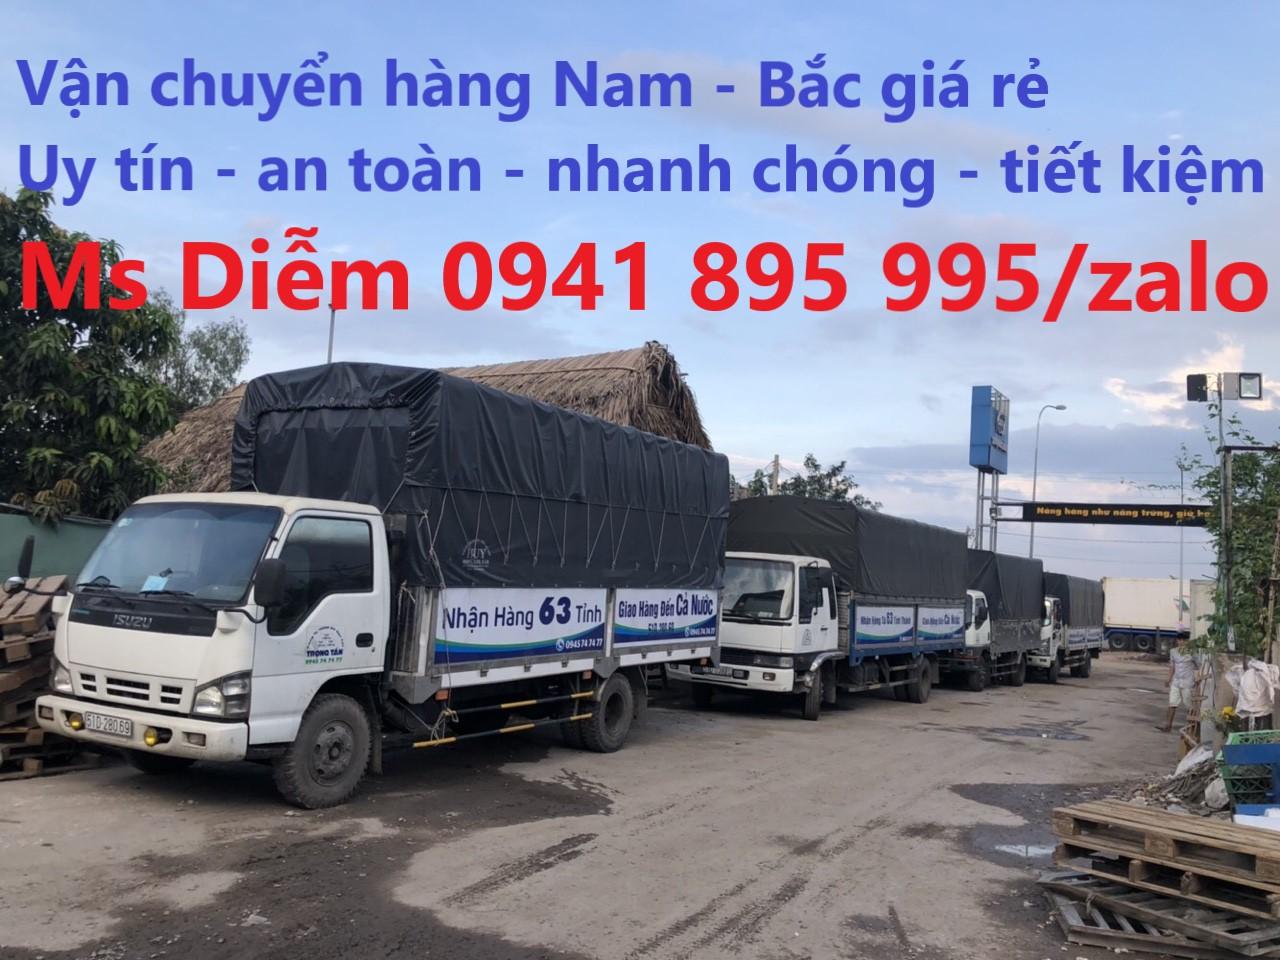 vận chuyển hàng Sài Gòn đi Ninh Kiều Cần Thơ